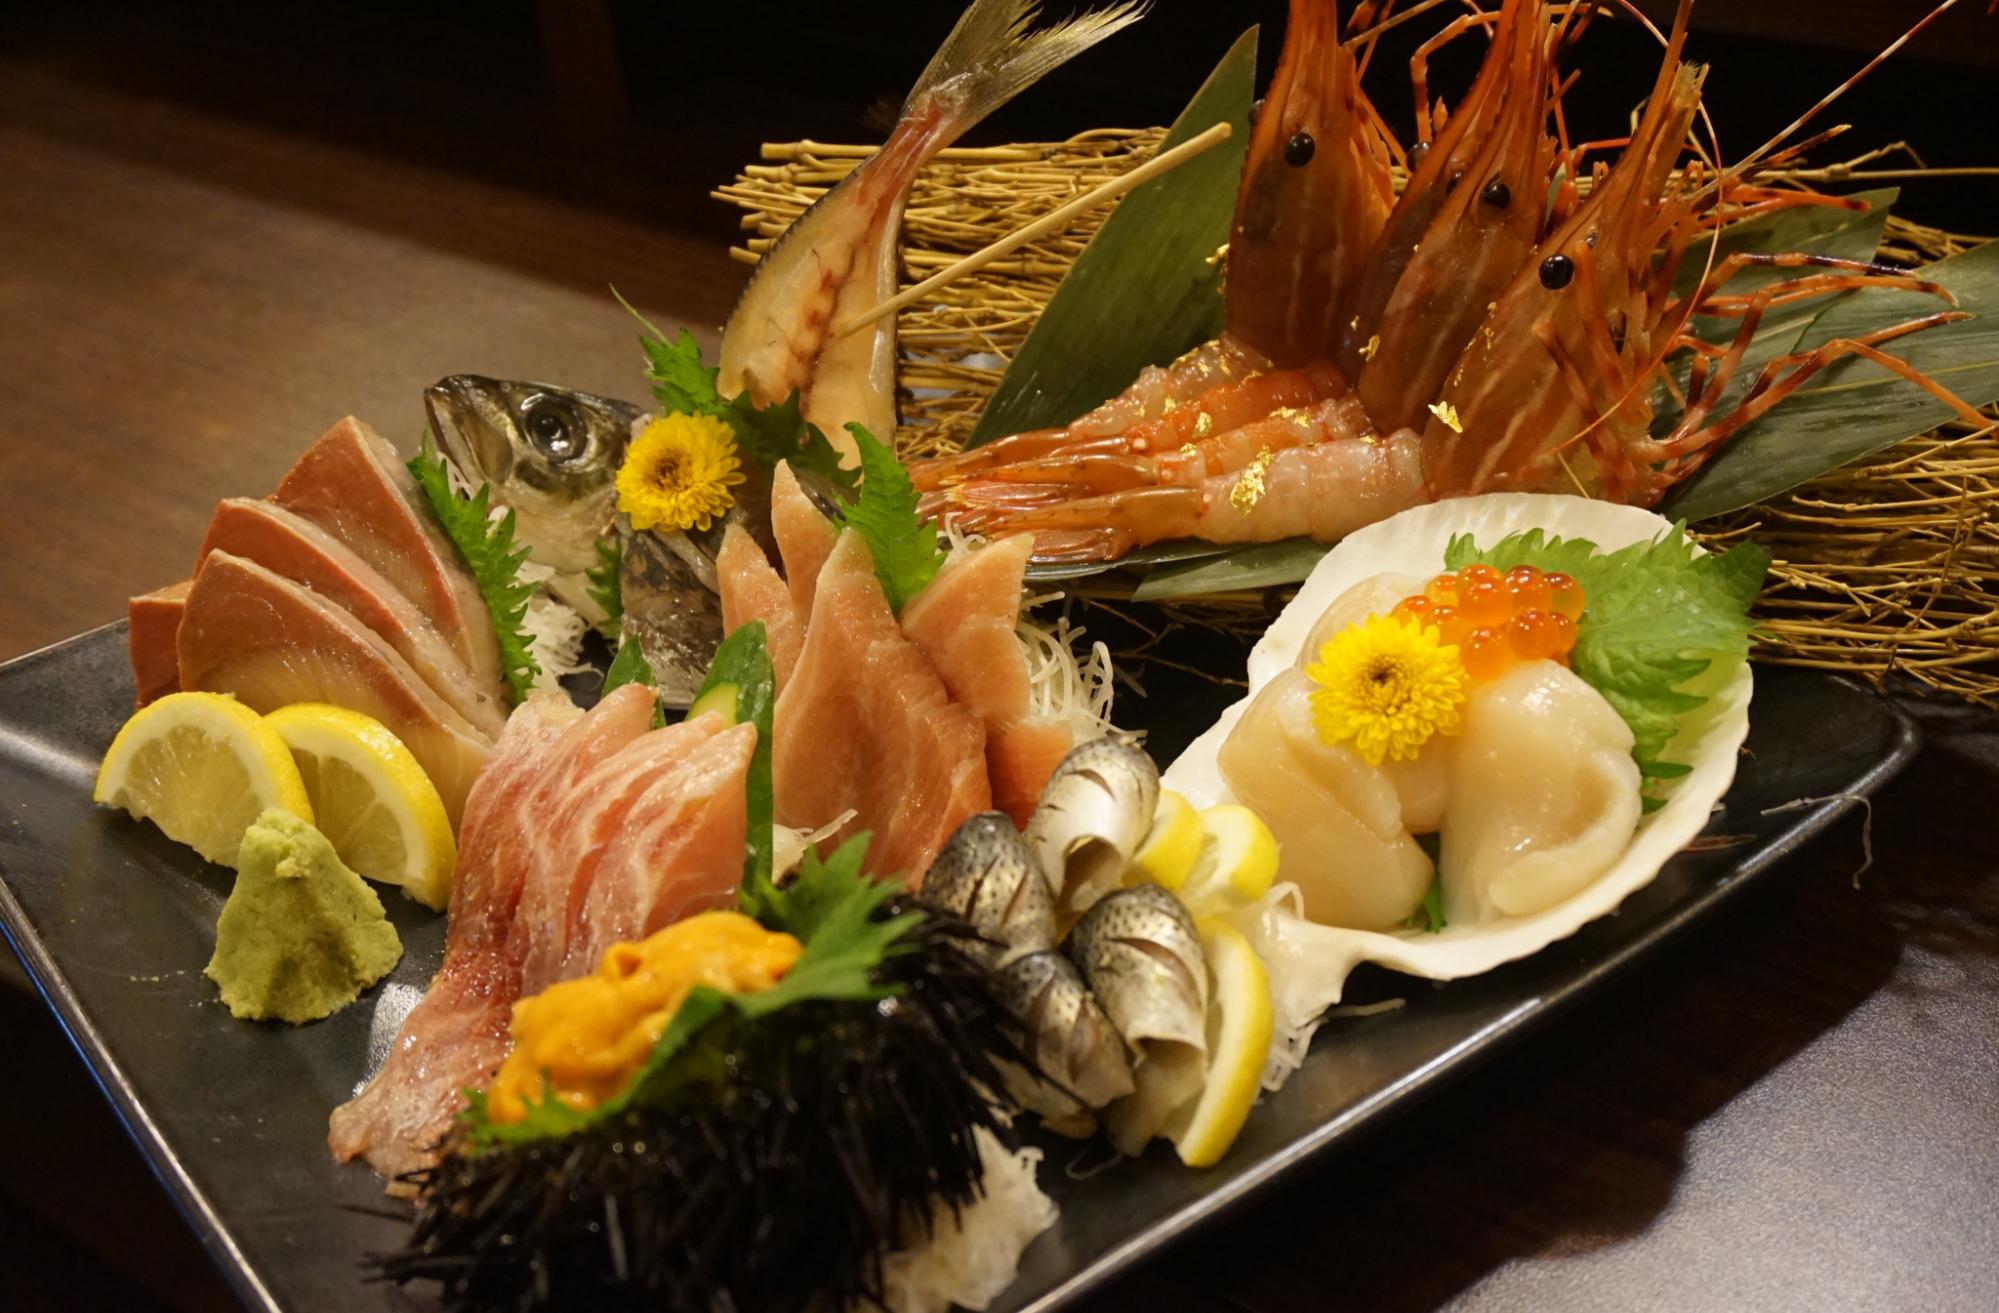 ロバートソンキーにある寛寿司。大人な雰囲気で充実のコースメニューとランチが好評